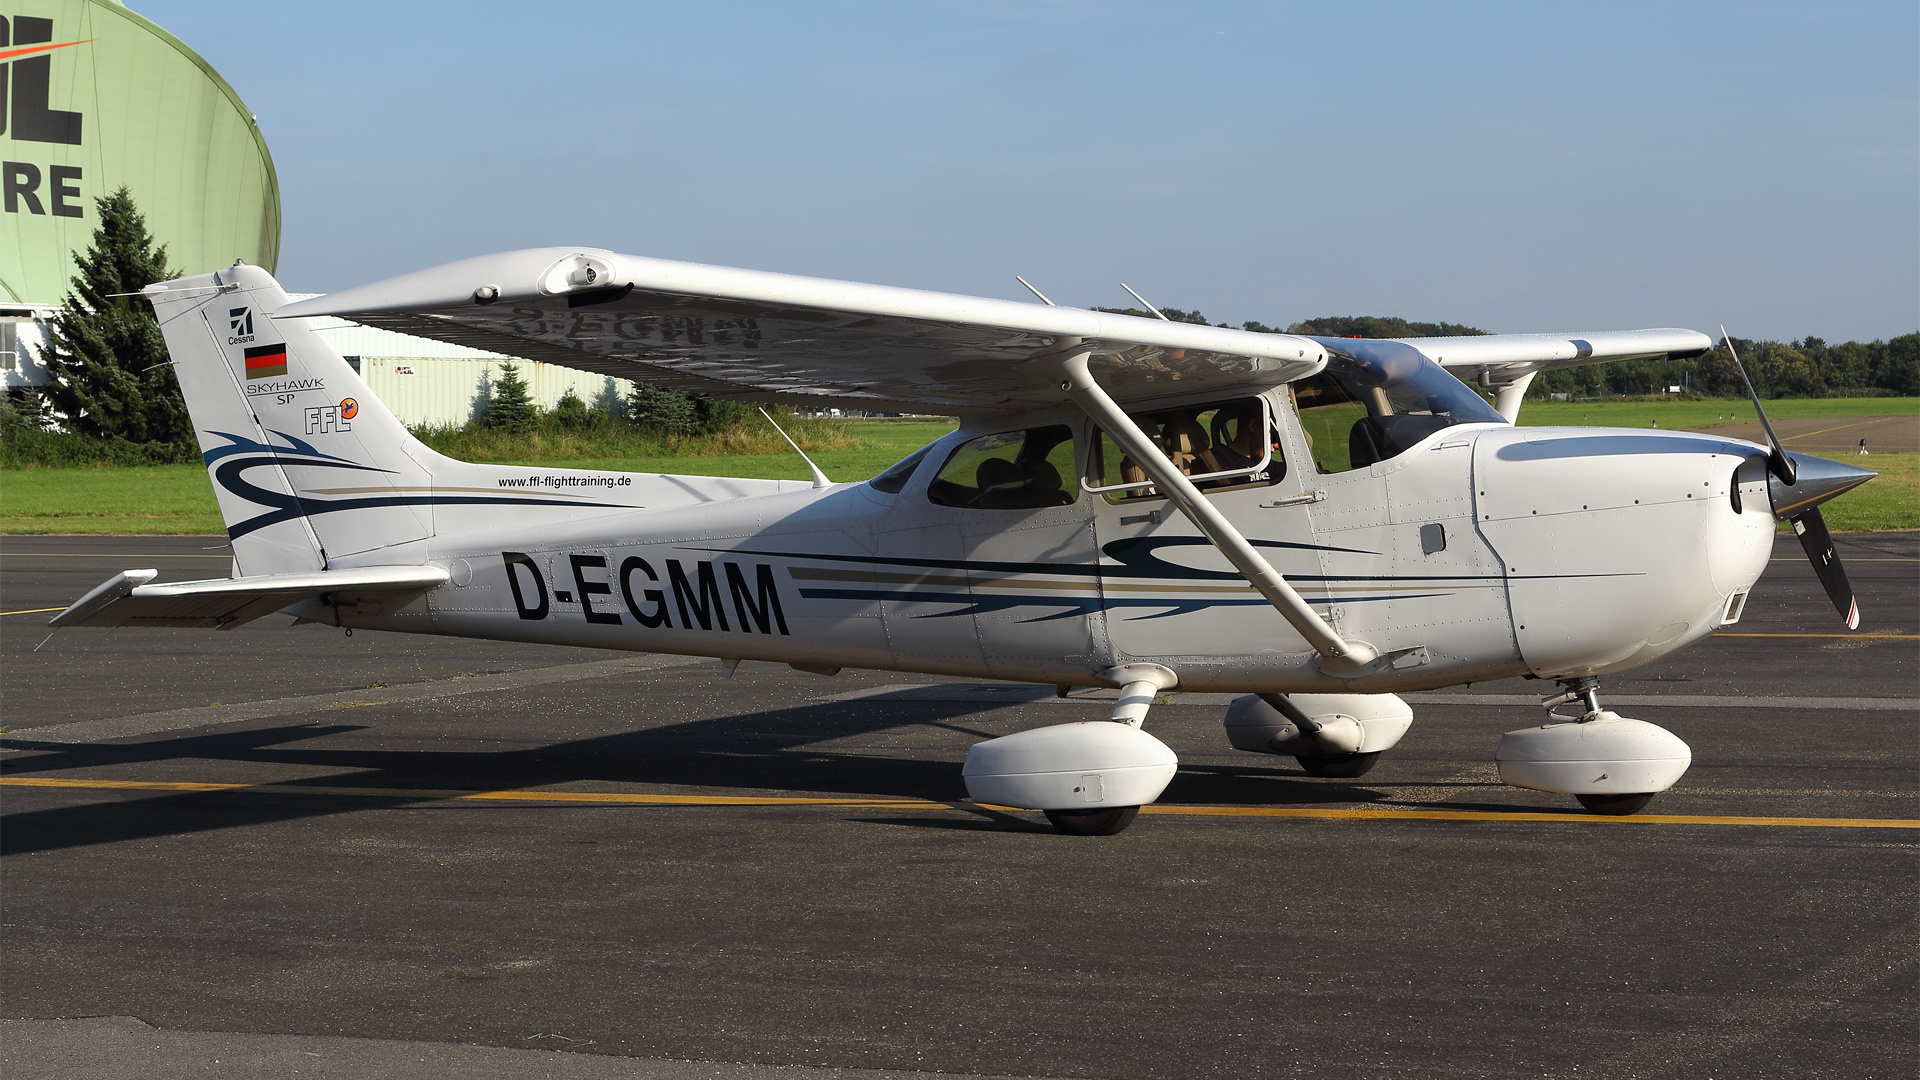 D-EGMM-1 C172 ESS 201609